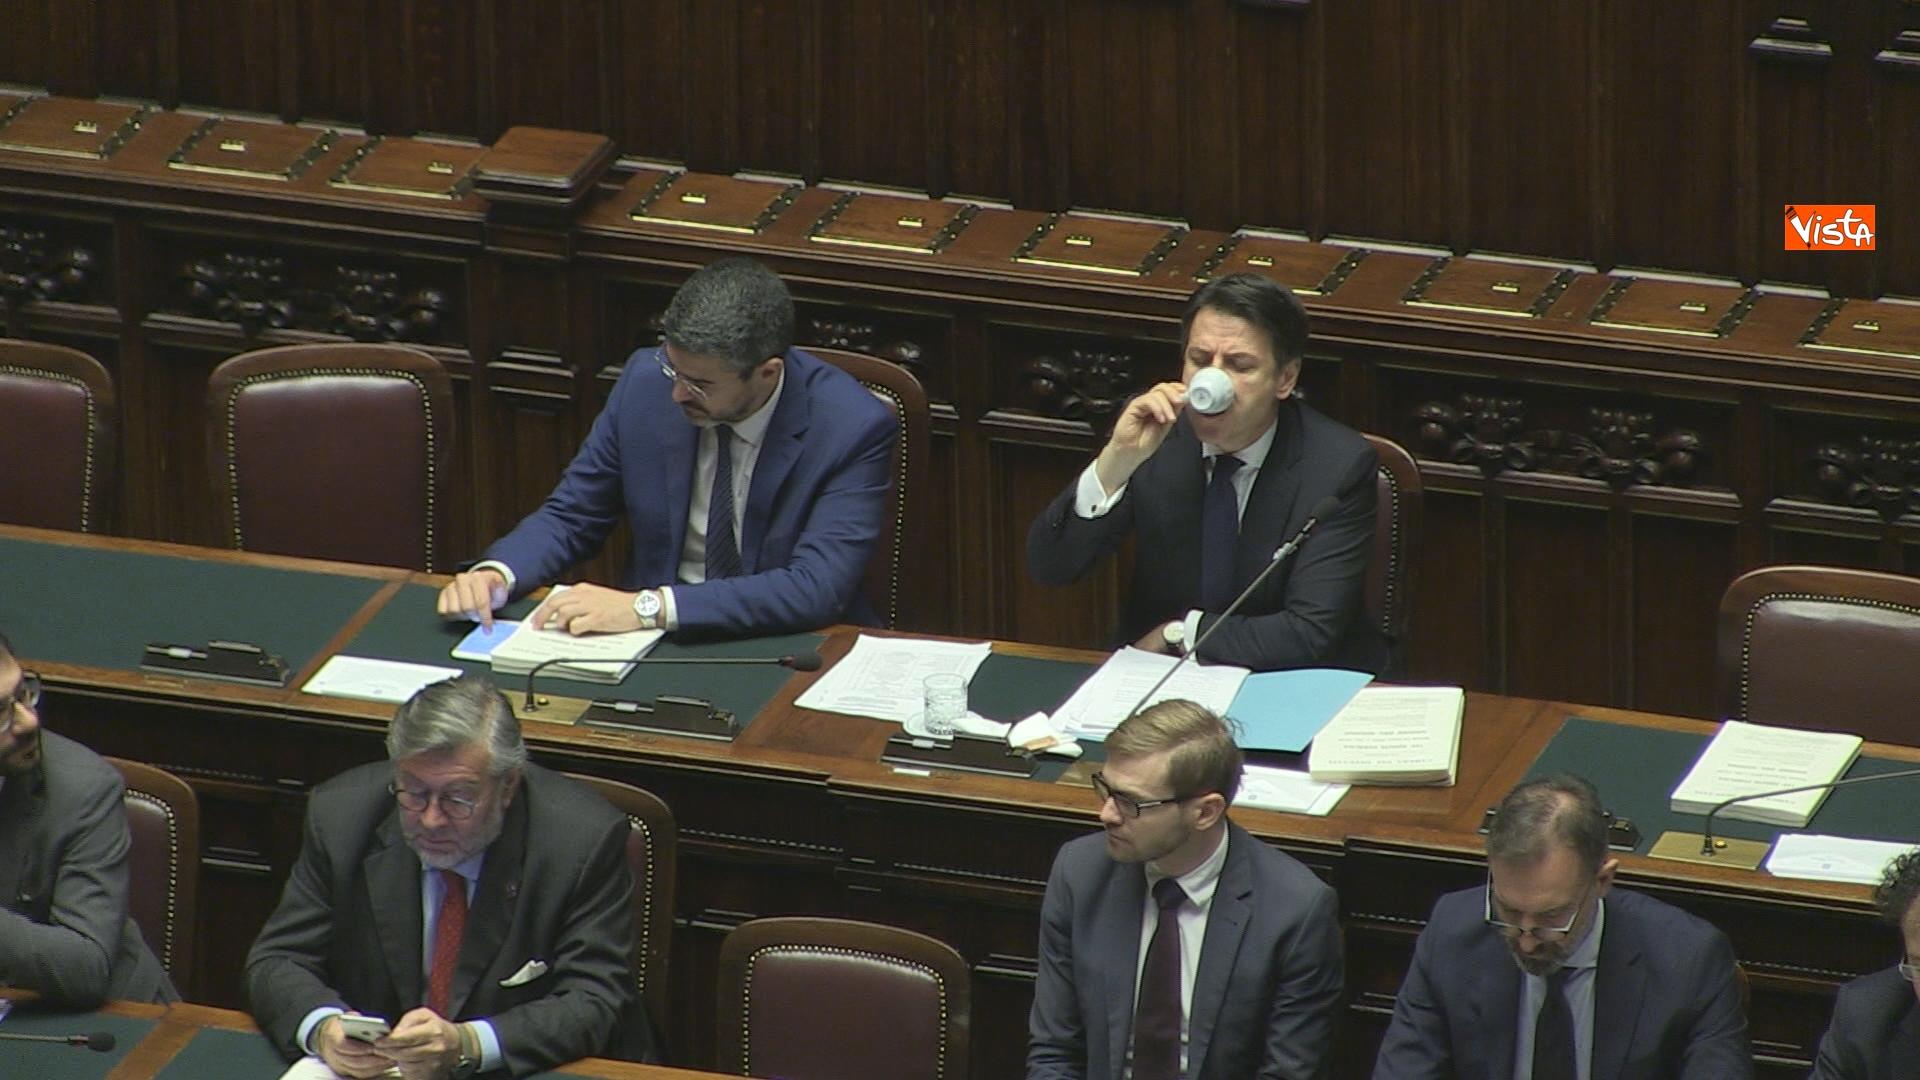 19-03-19 Conte riferisce in Aula Camera su Consiglio Ue e Via della seta immagini_02